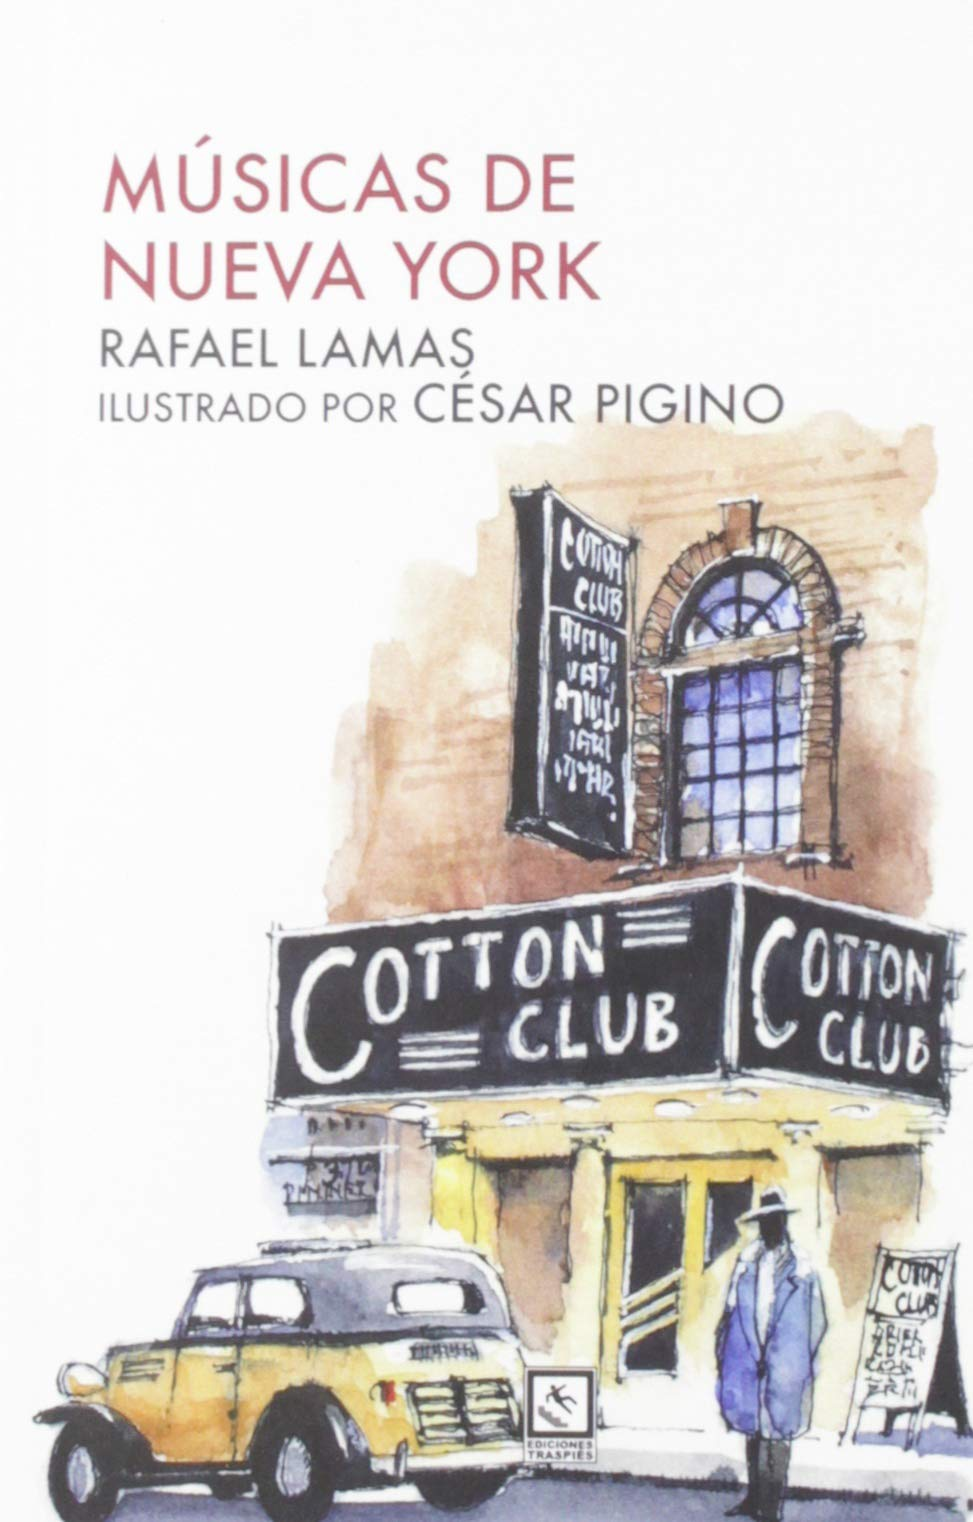 Musicas De Nueva York Vagamundos Amazon Es Rafael Lamas Rafael Lamas Libros